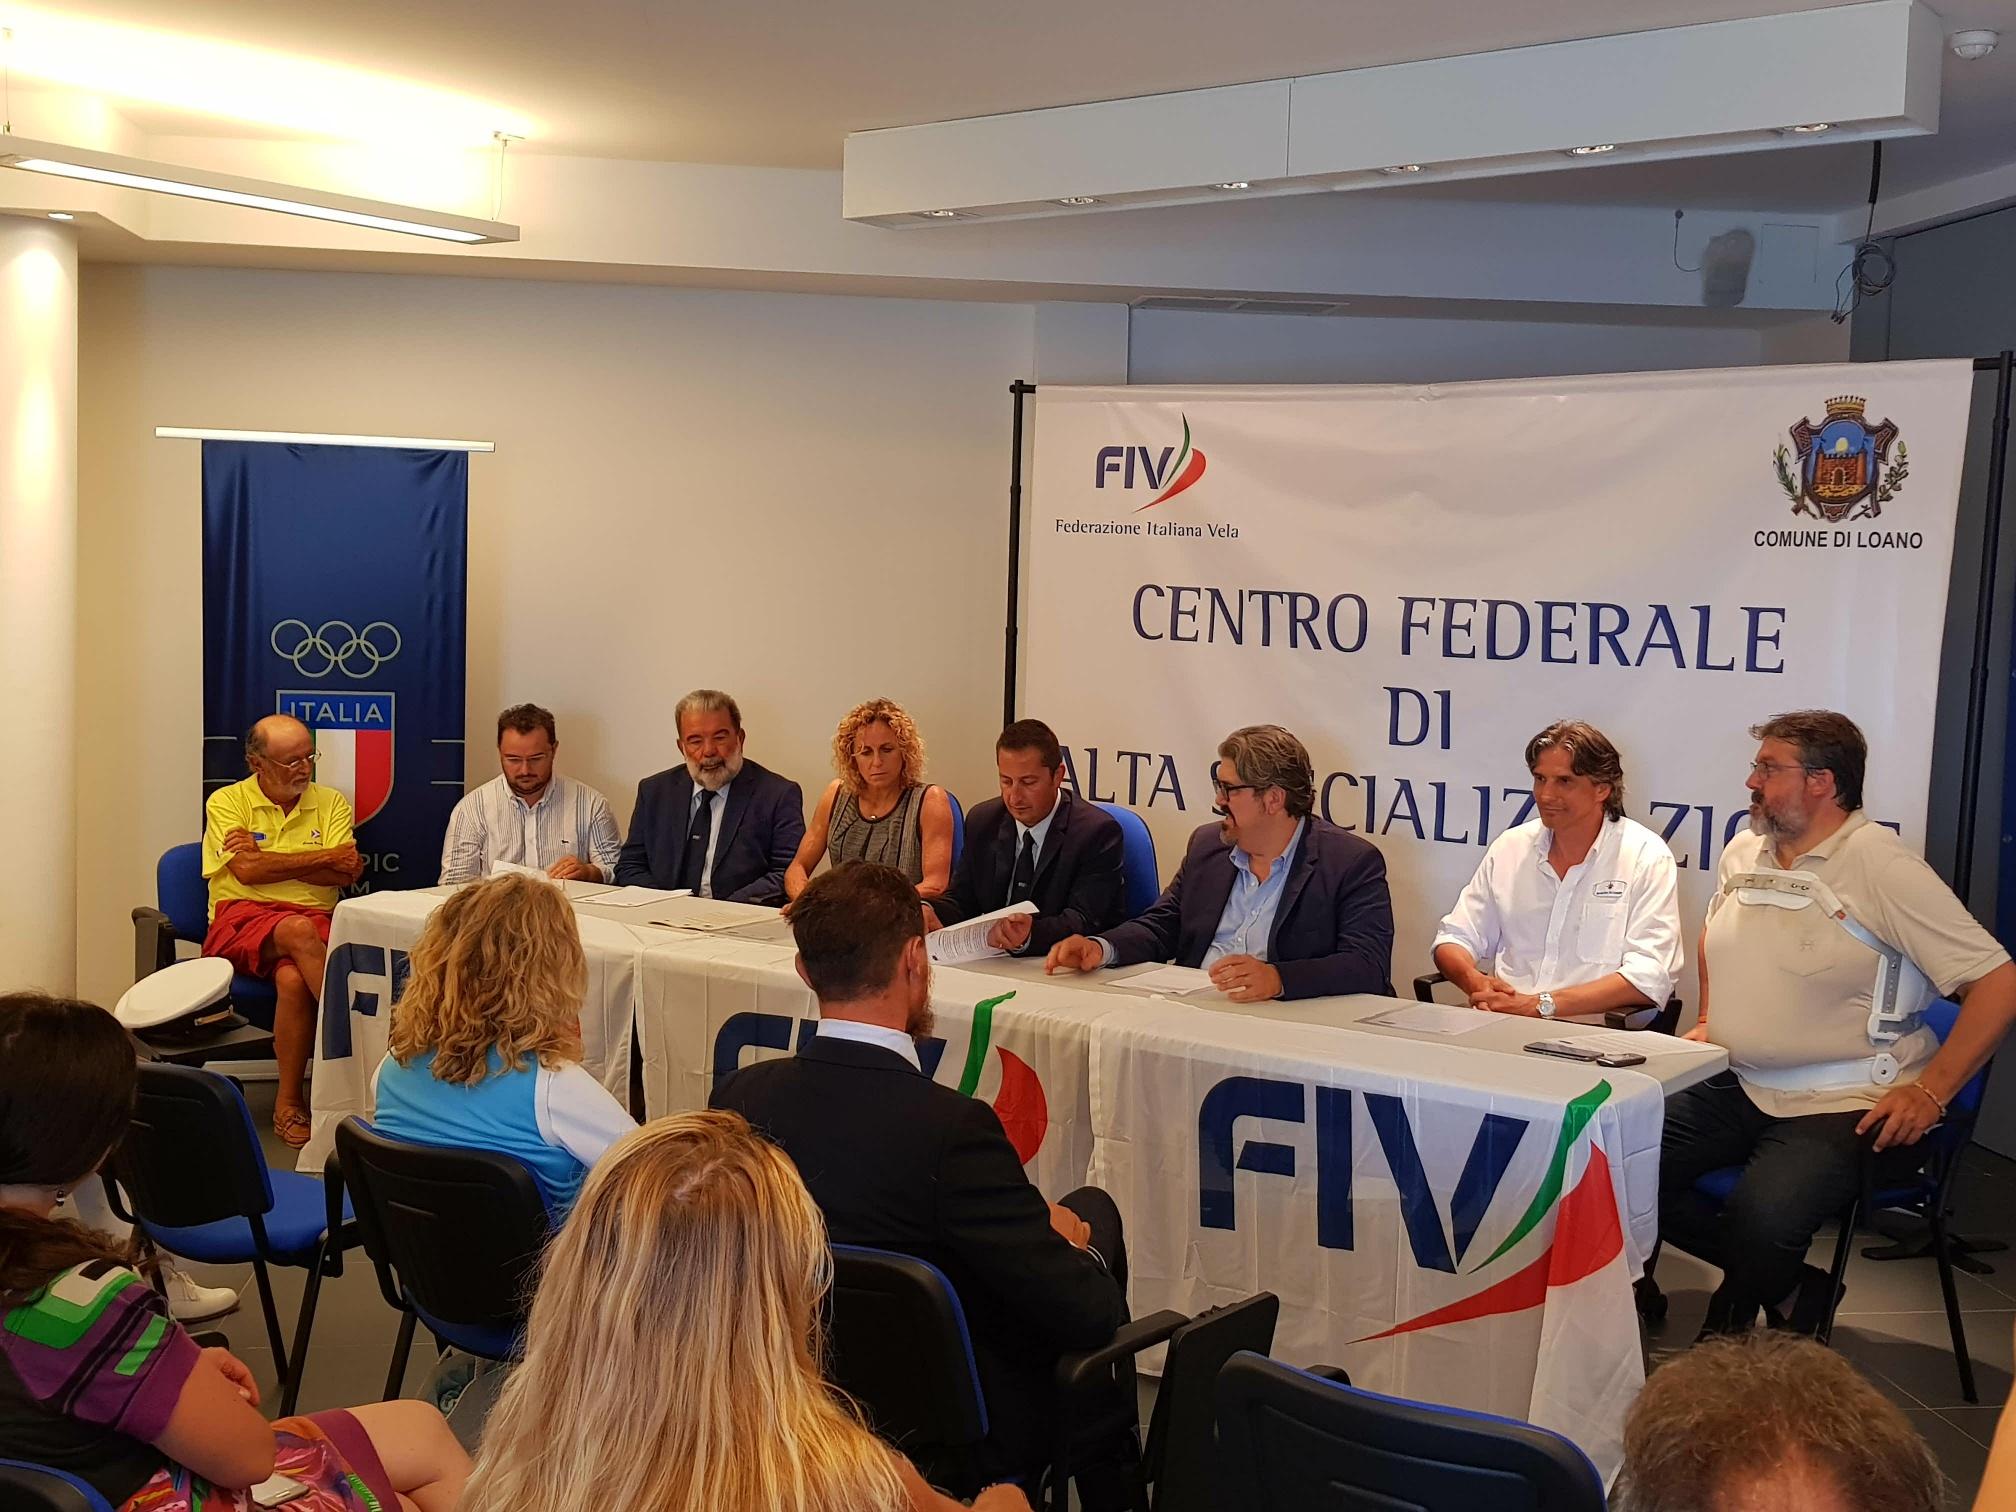 Inaugurato a Loano il Centro Federale di Alta Specializzazione per la Vela